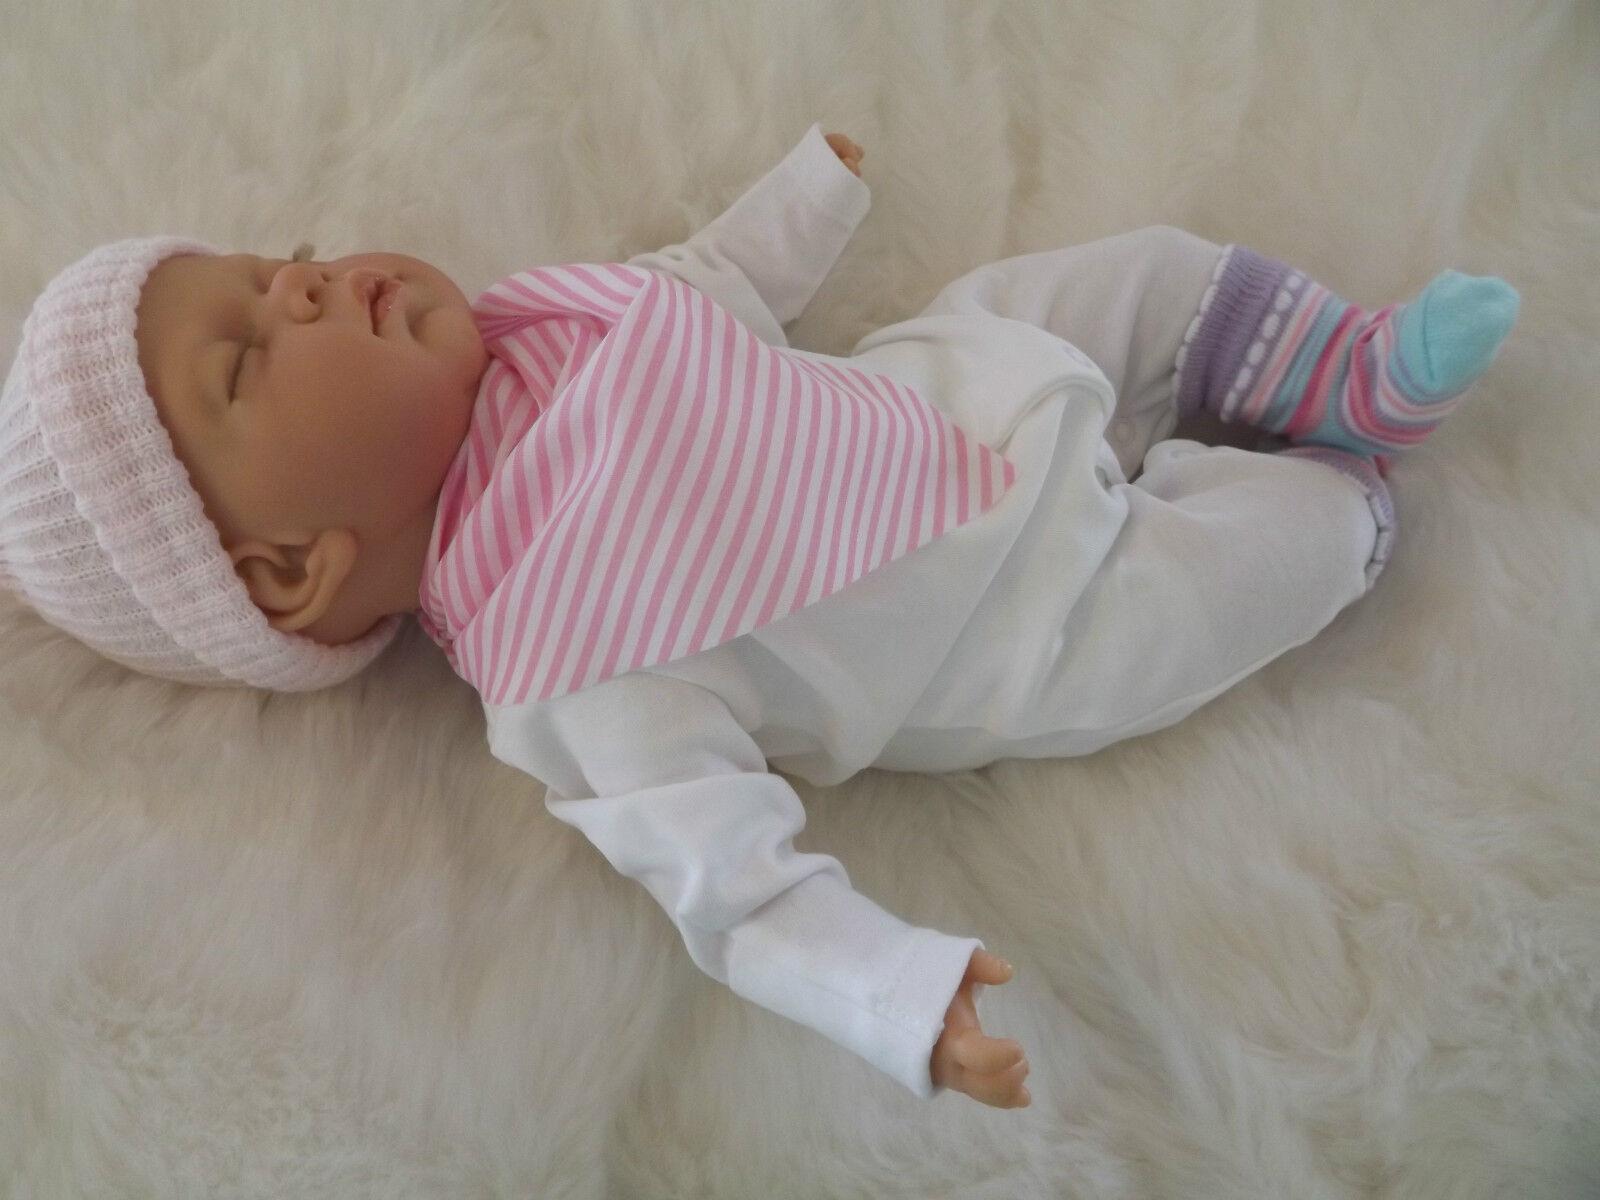 TAYLA  GYS realistico realistico RINATO bambino bambola bambino ragazza compleanno regalo di Natale CE  in vendita scontato del 70%